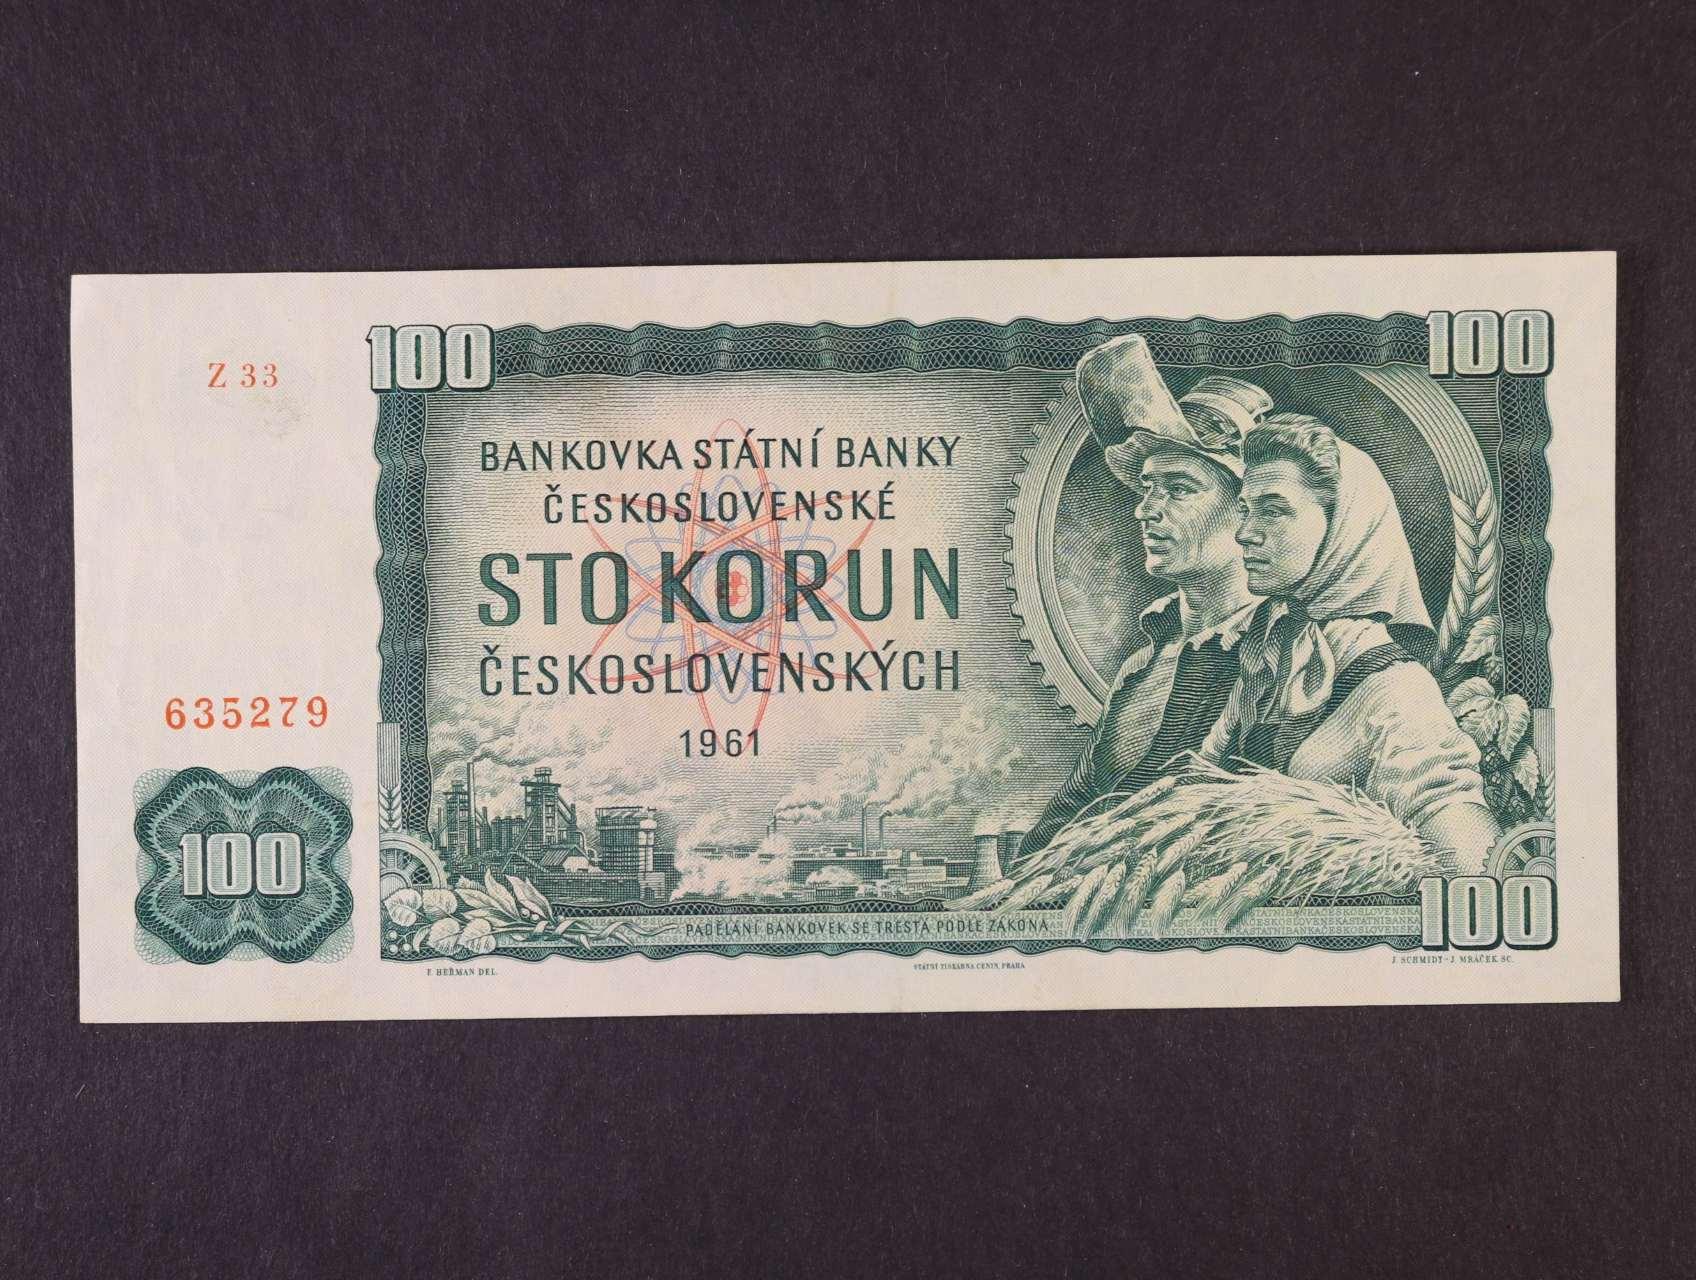 100 Kčs 1961 série Z 33, Ba. 98b2, Pi. 91